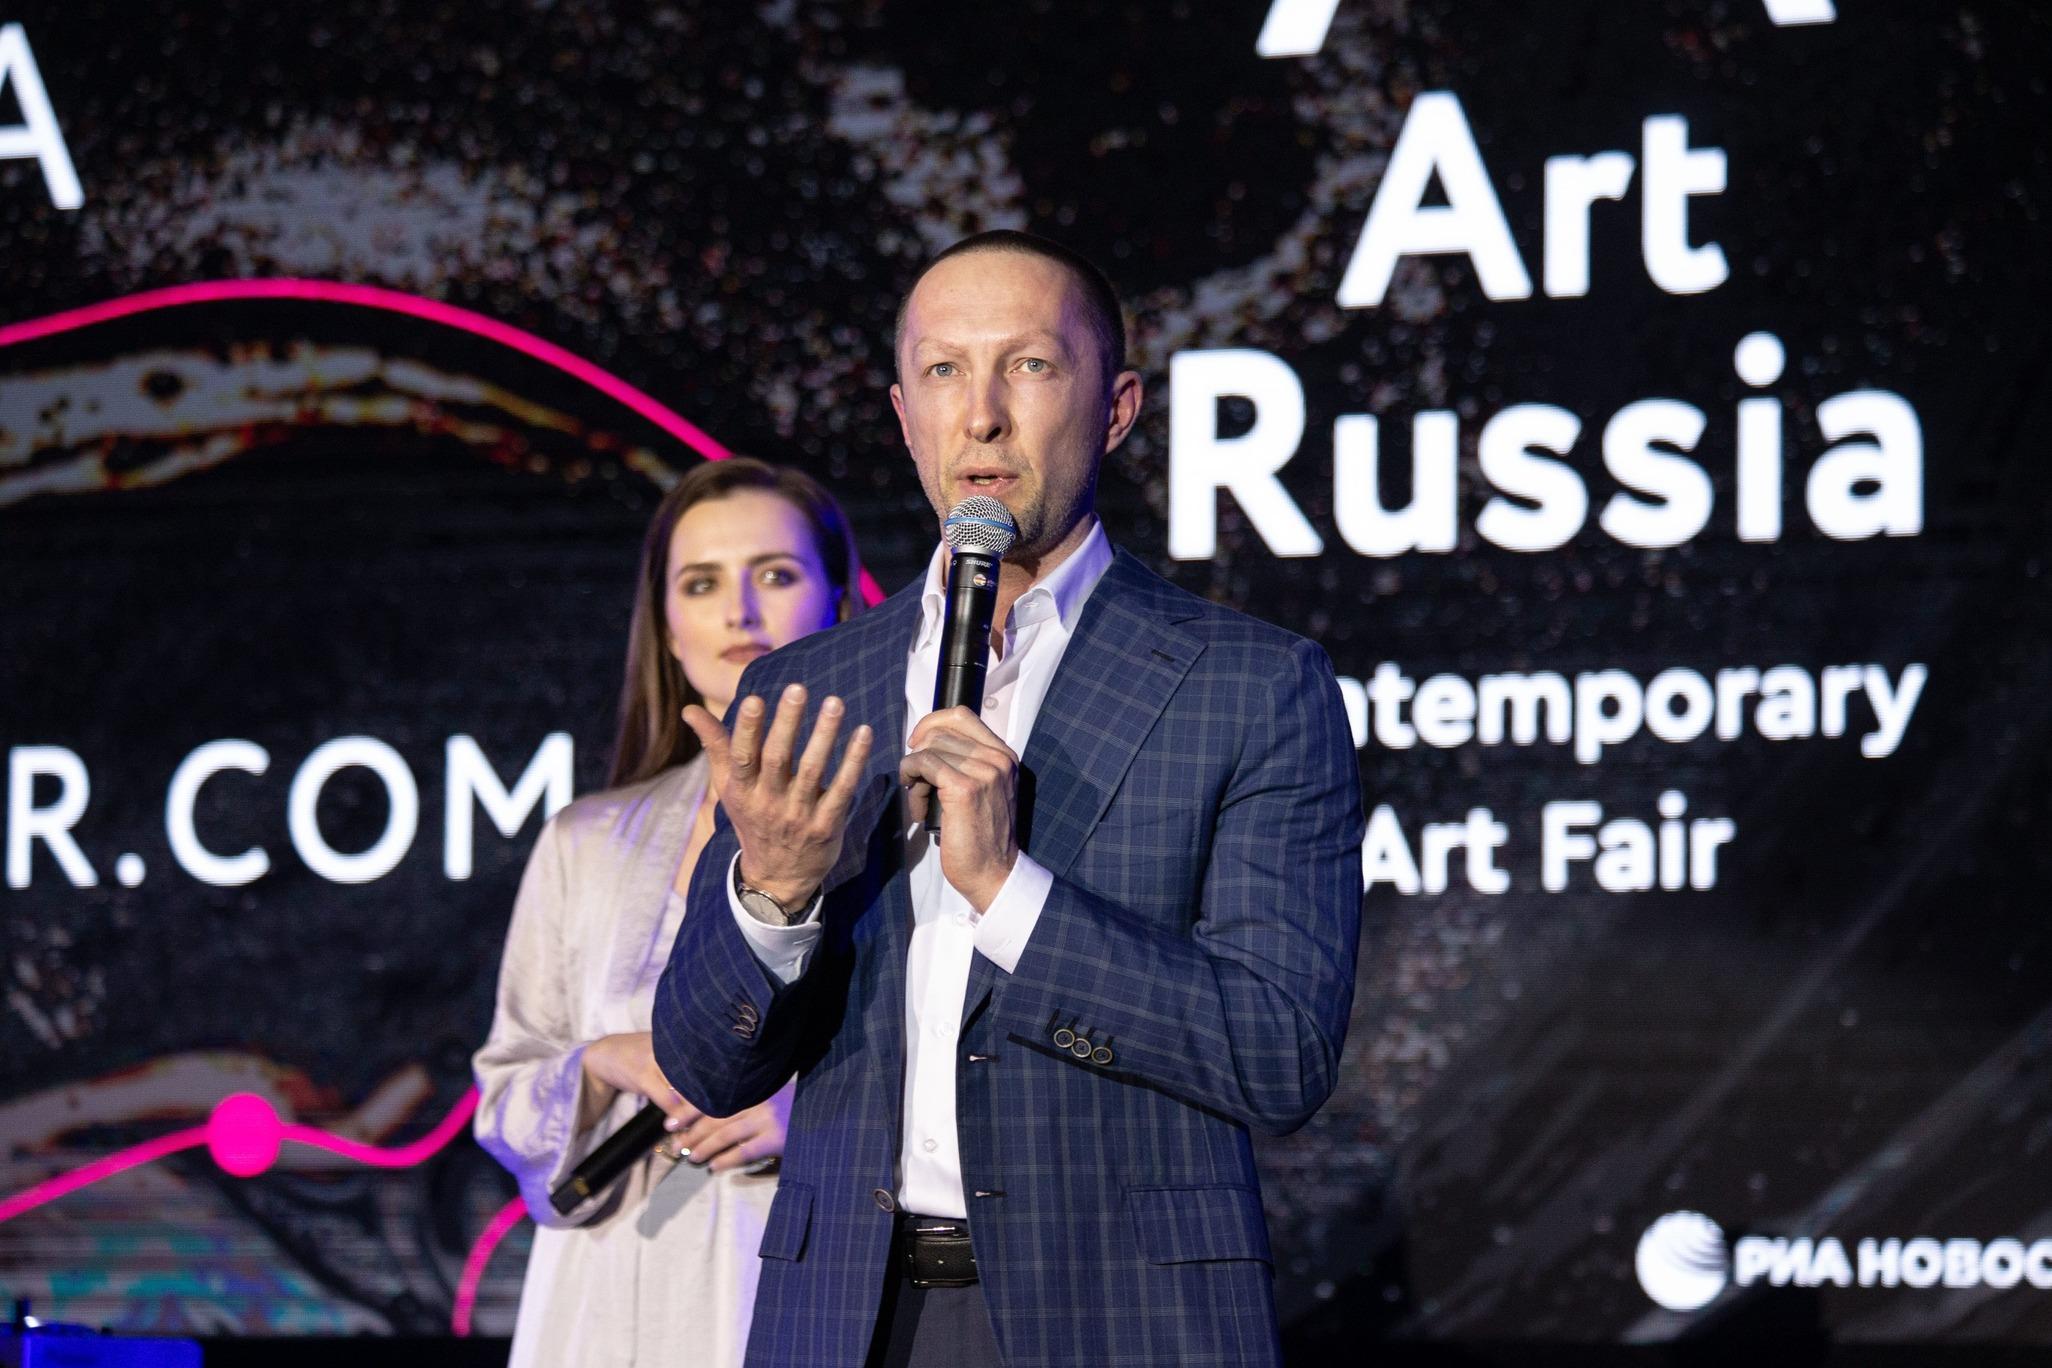 Открытие форума и выставки Art Russia